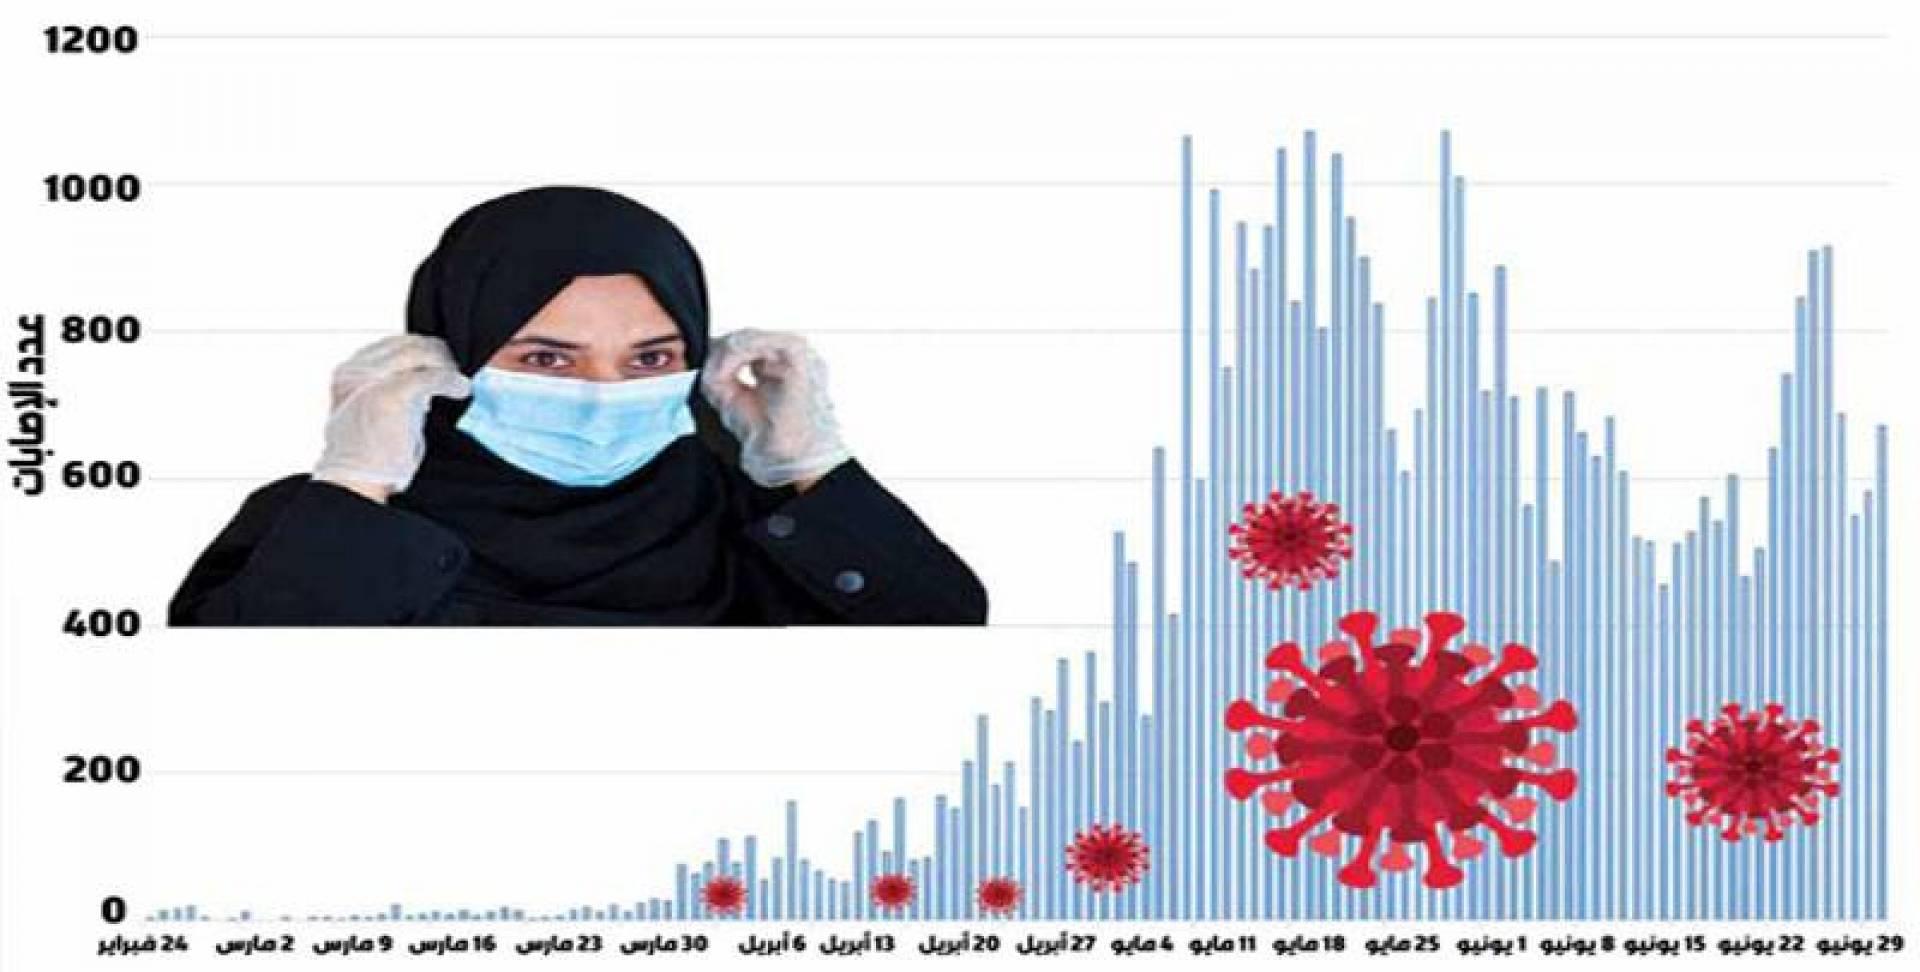 عدد الإصابات اليومية بالفيروس منذ 24 فبراير